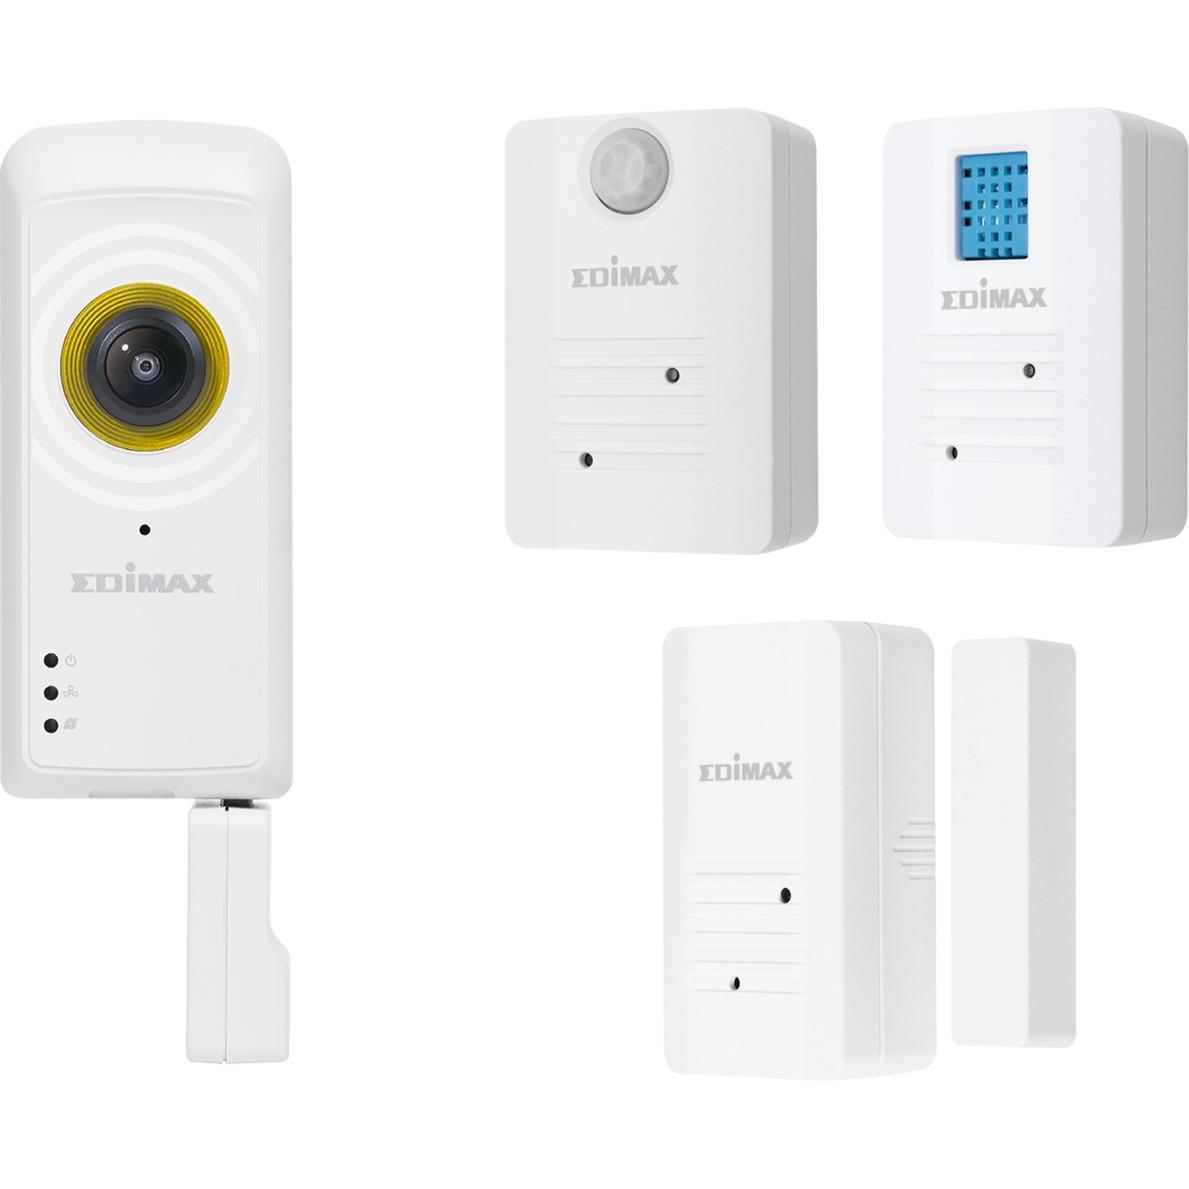 ic-5170sc-wi-smart-bolig-sikkerhedssat-netvarkskamera